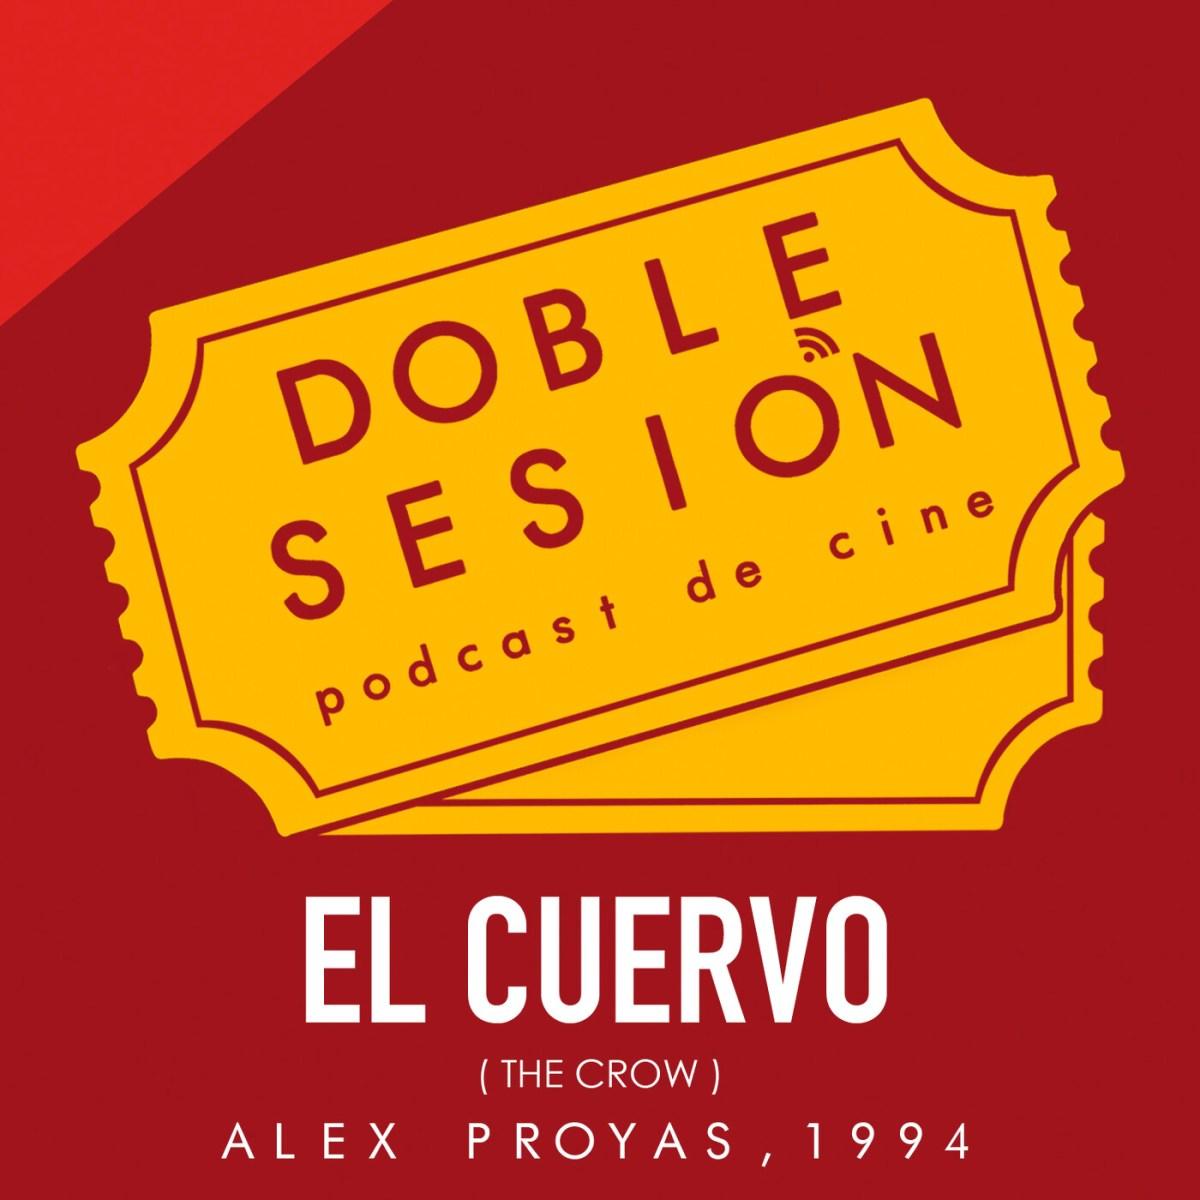 El Cuervo (Alex Proyas, 1994)